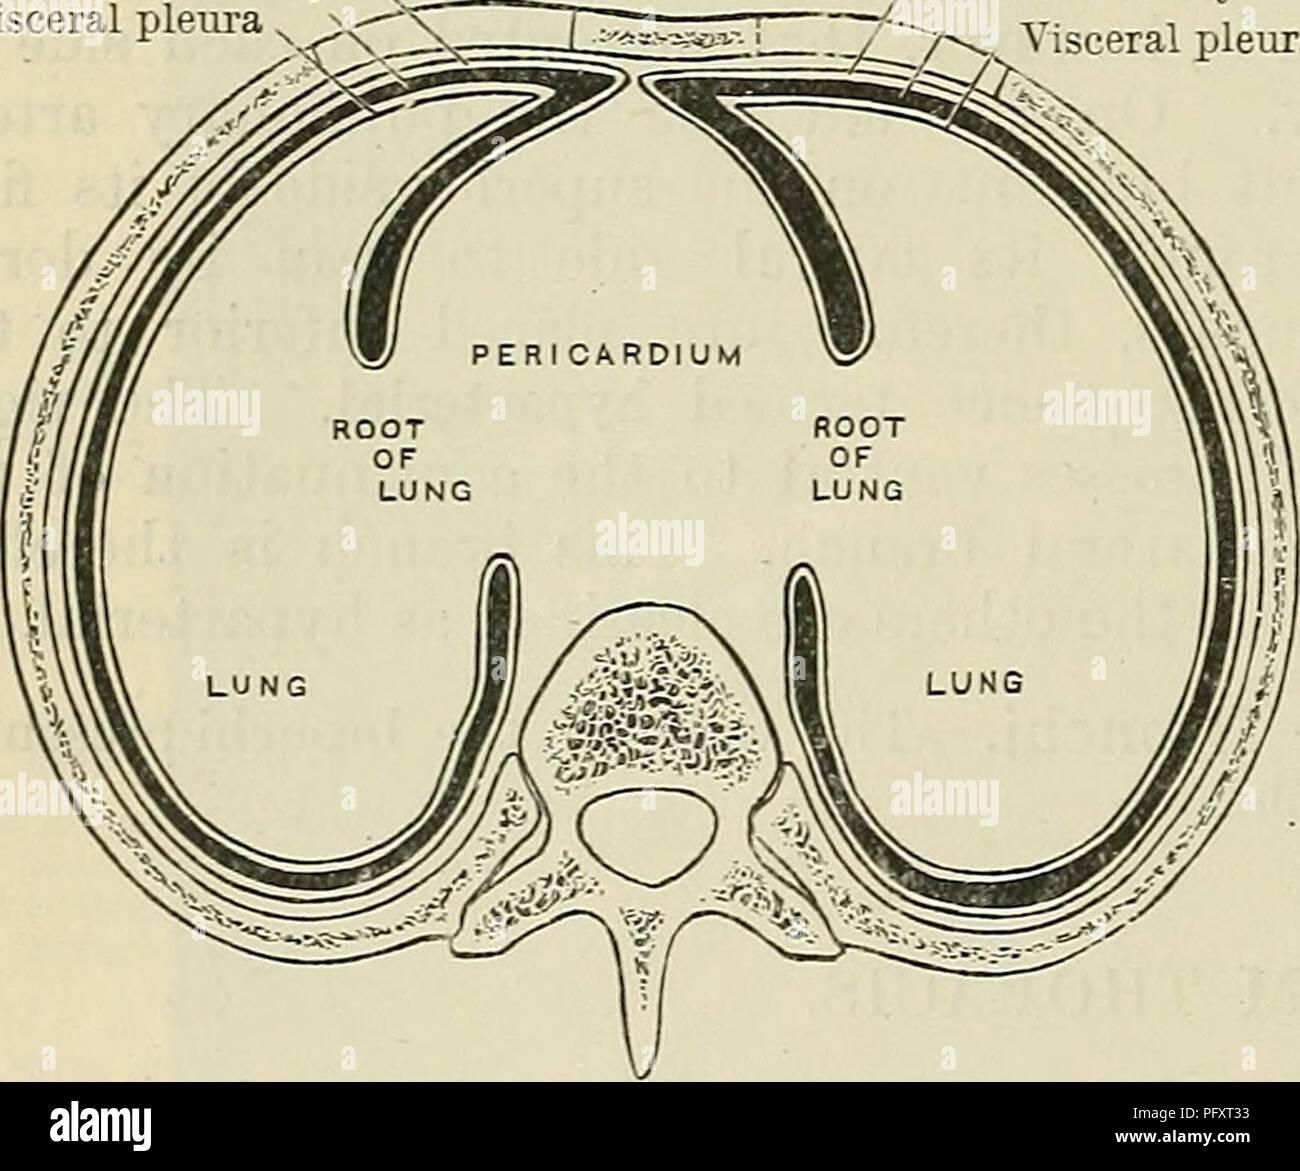 Pleural Cavity Stock Photos & Pleural Cavity Stock Images - Alamy